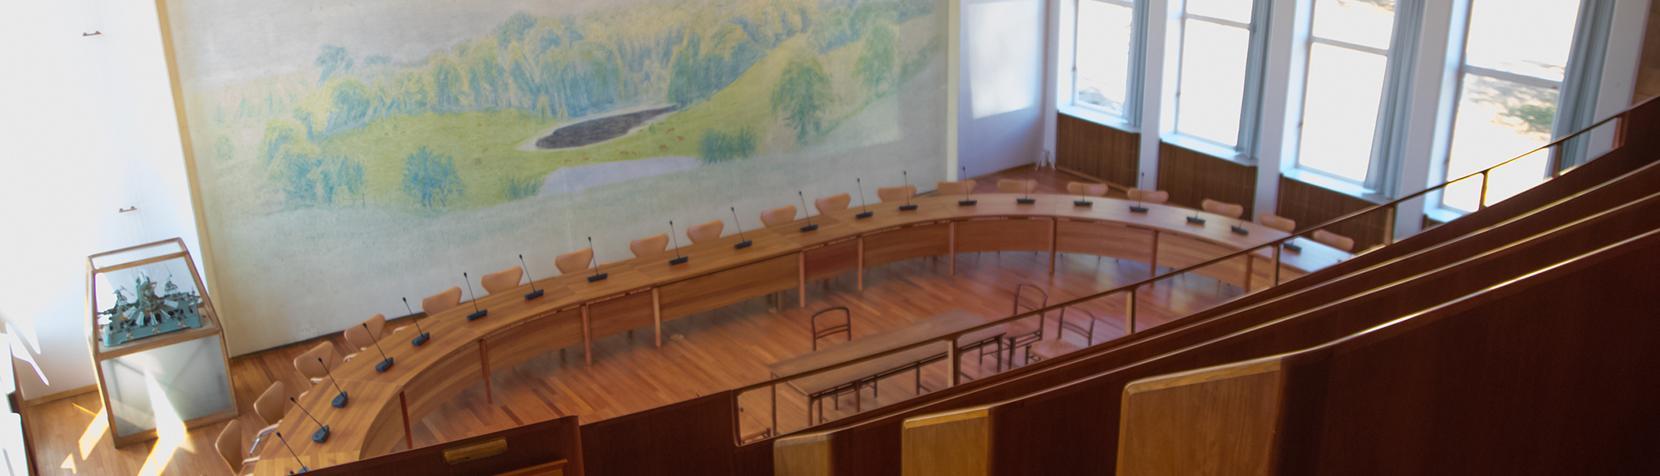 Rådssalen på Rudersdal Rådhus